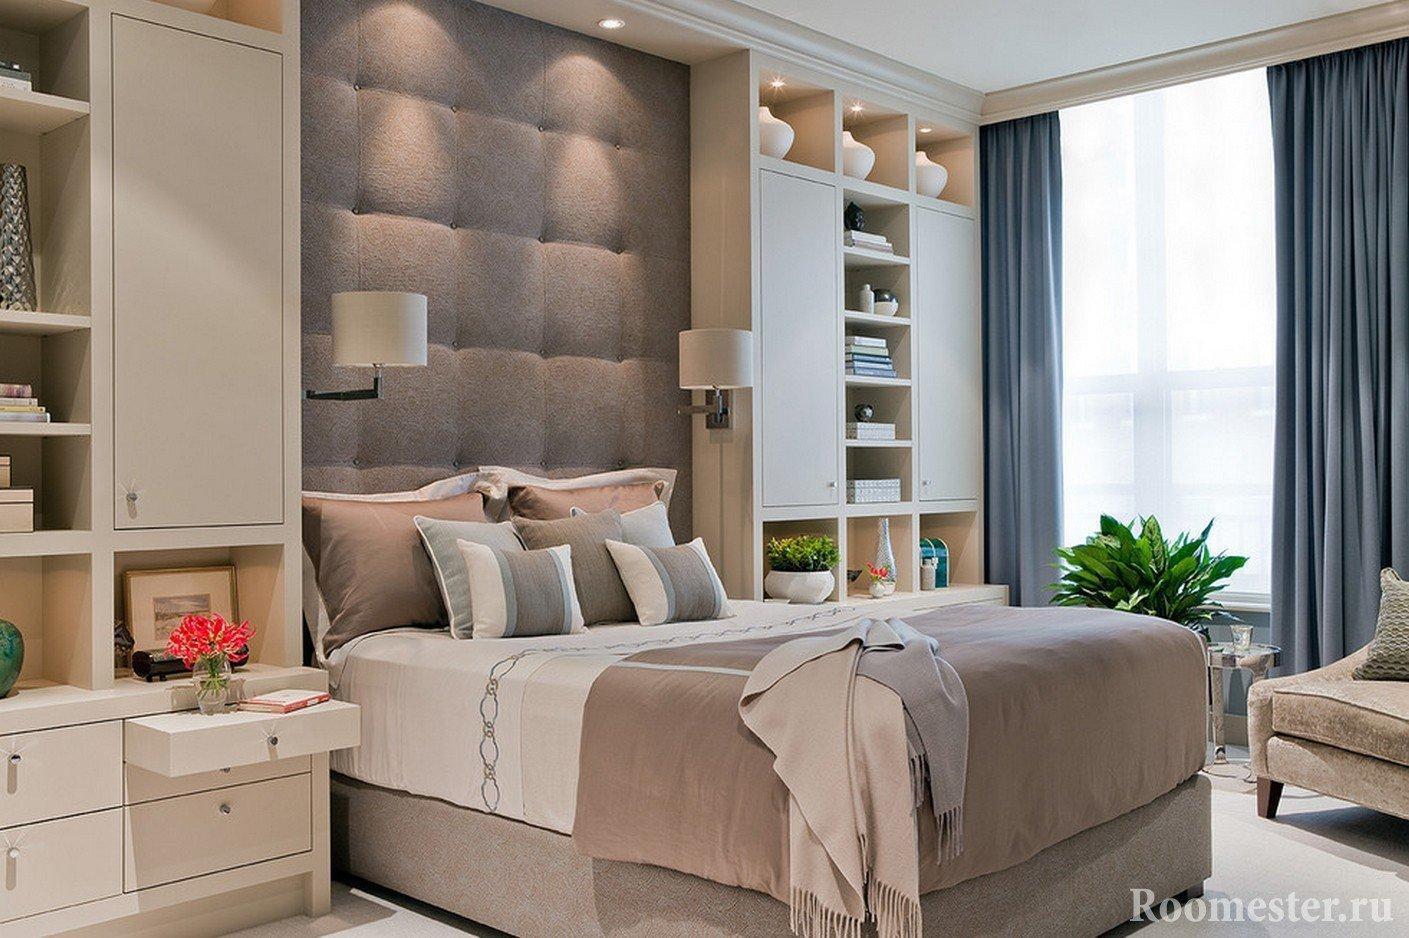 Расположение стеллажей по обе стороны кровати